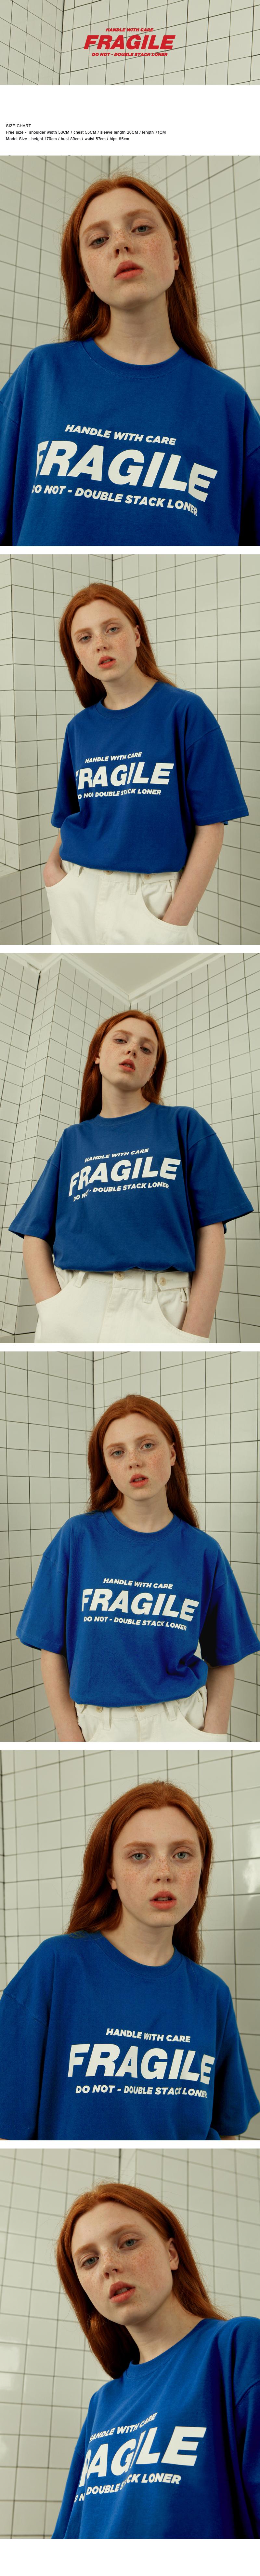 Fragile tshirt-blue.jpg